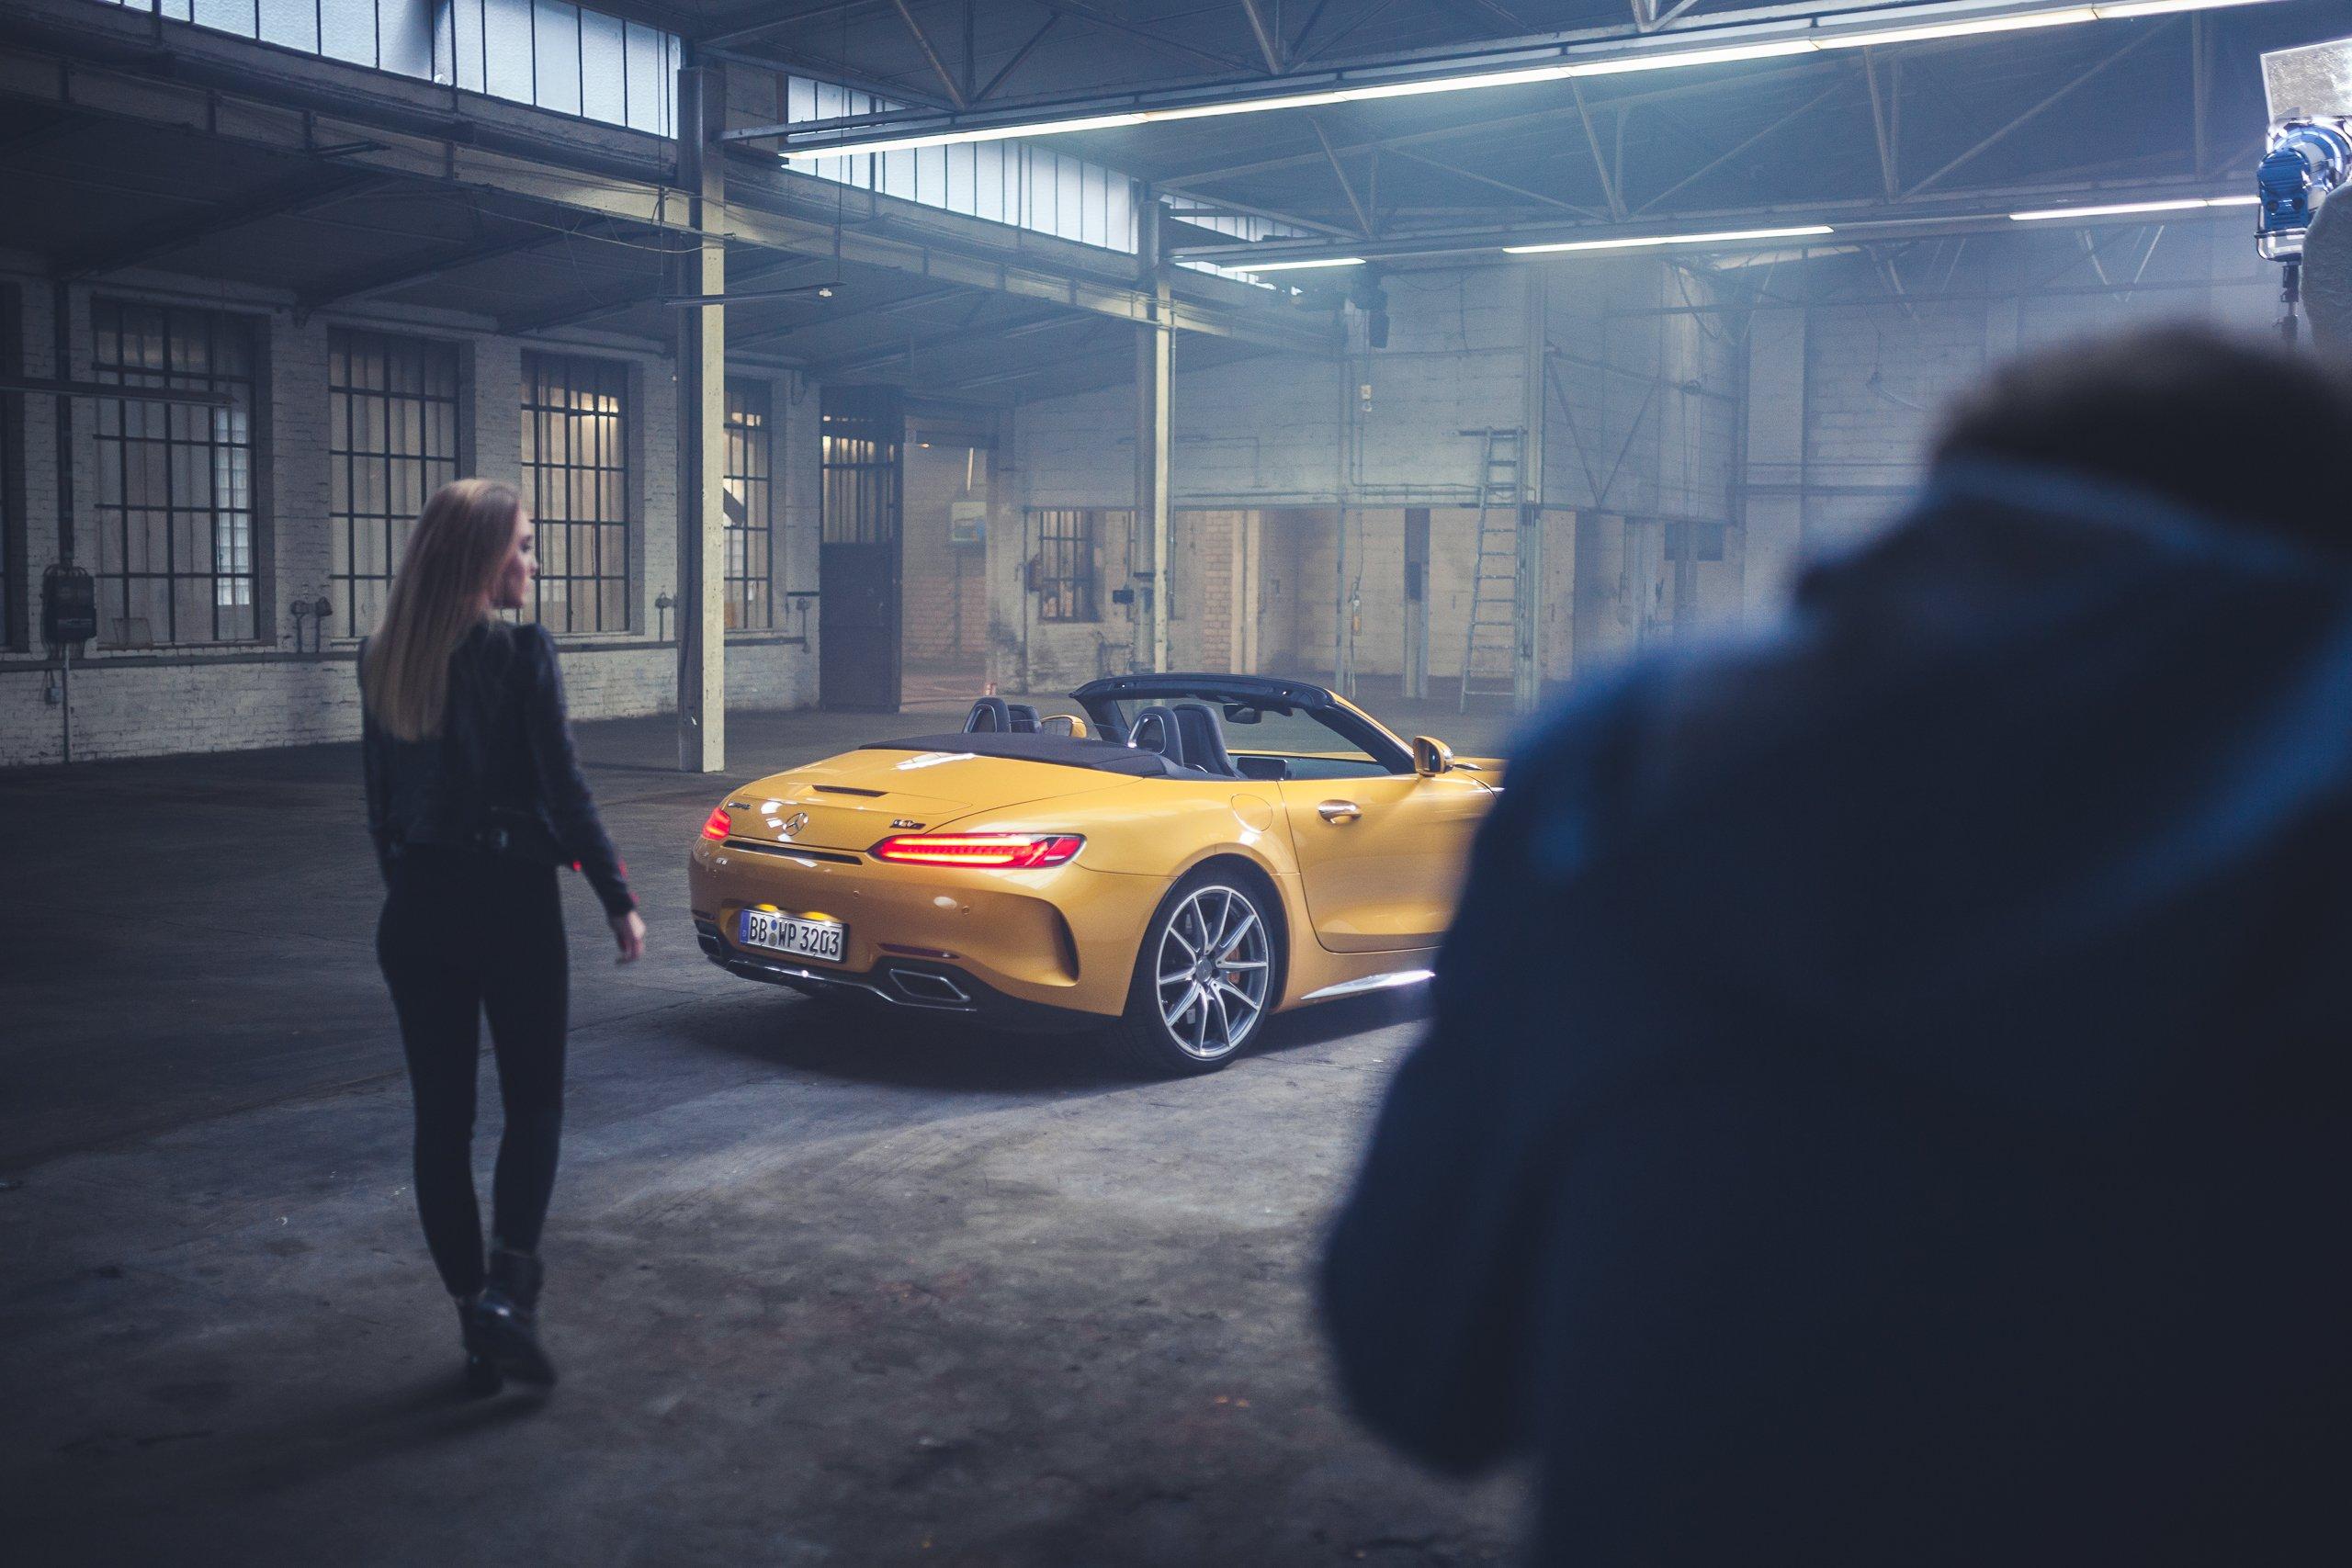 Mercedes-AMG GTC Heckleuchten Frau Model Lederjacke